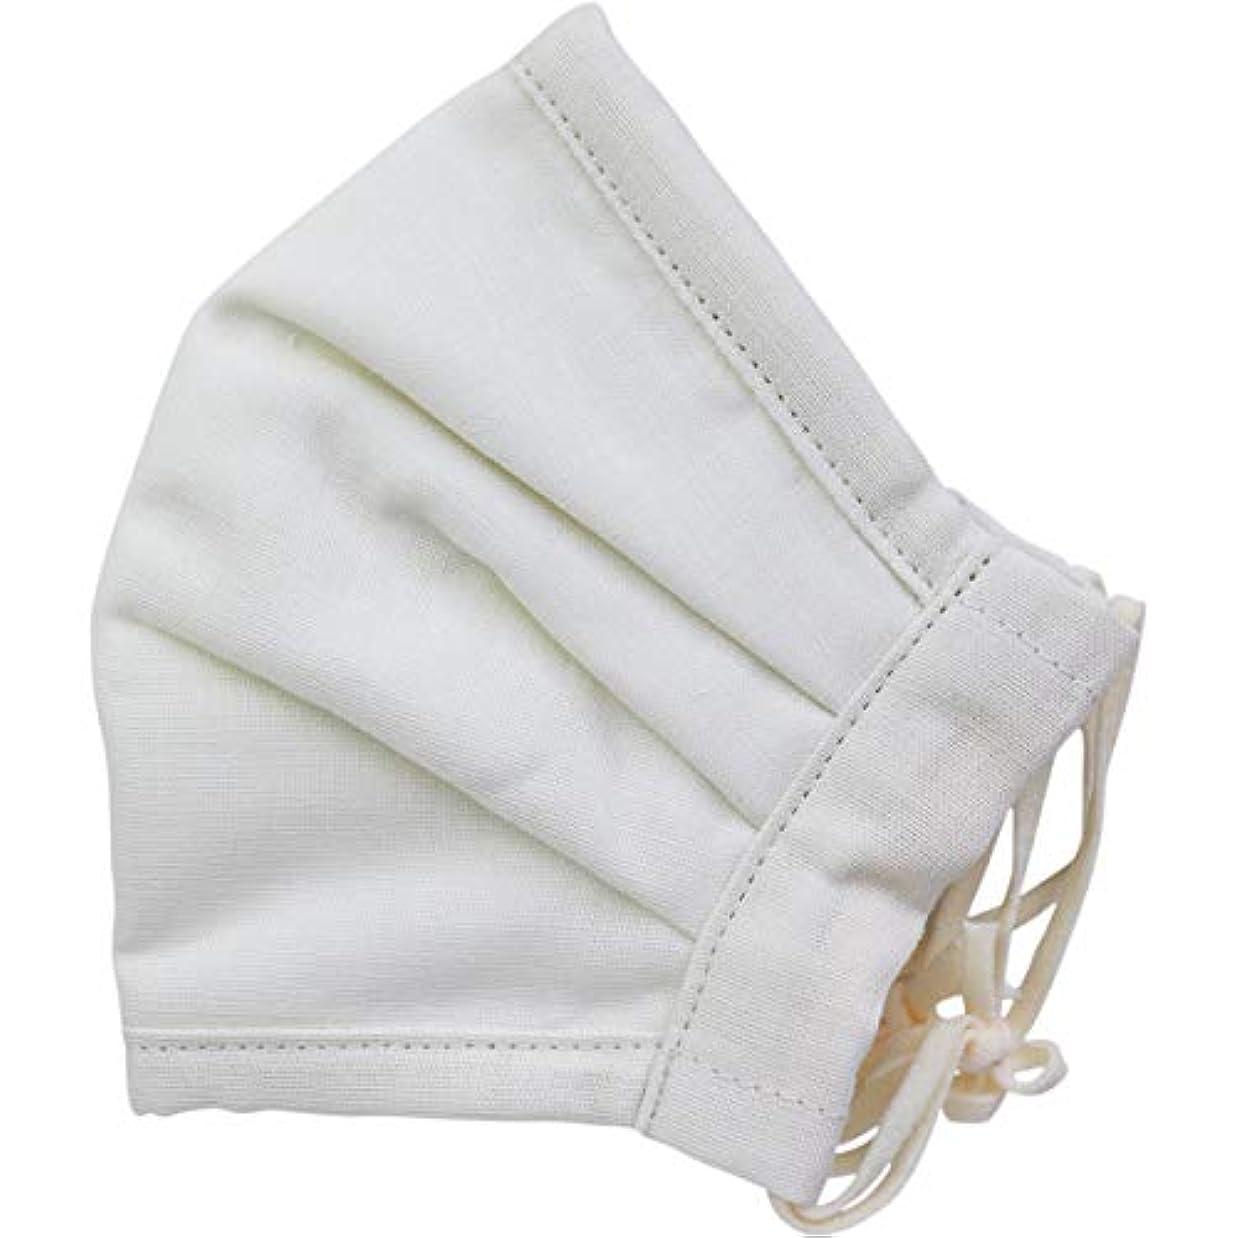 未亡人シャット出席するさらふわマスクダイヤドビー 敏感肌用 アイボリー 少し大きめサイズ 1枚入×5個セット